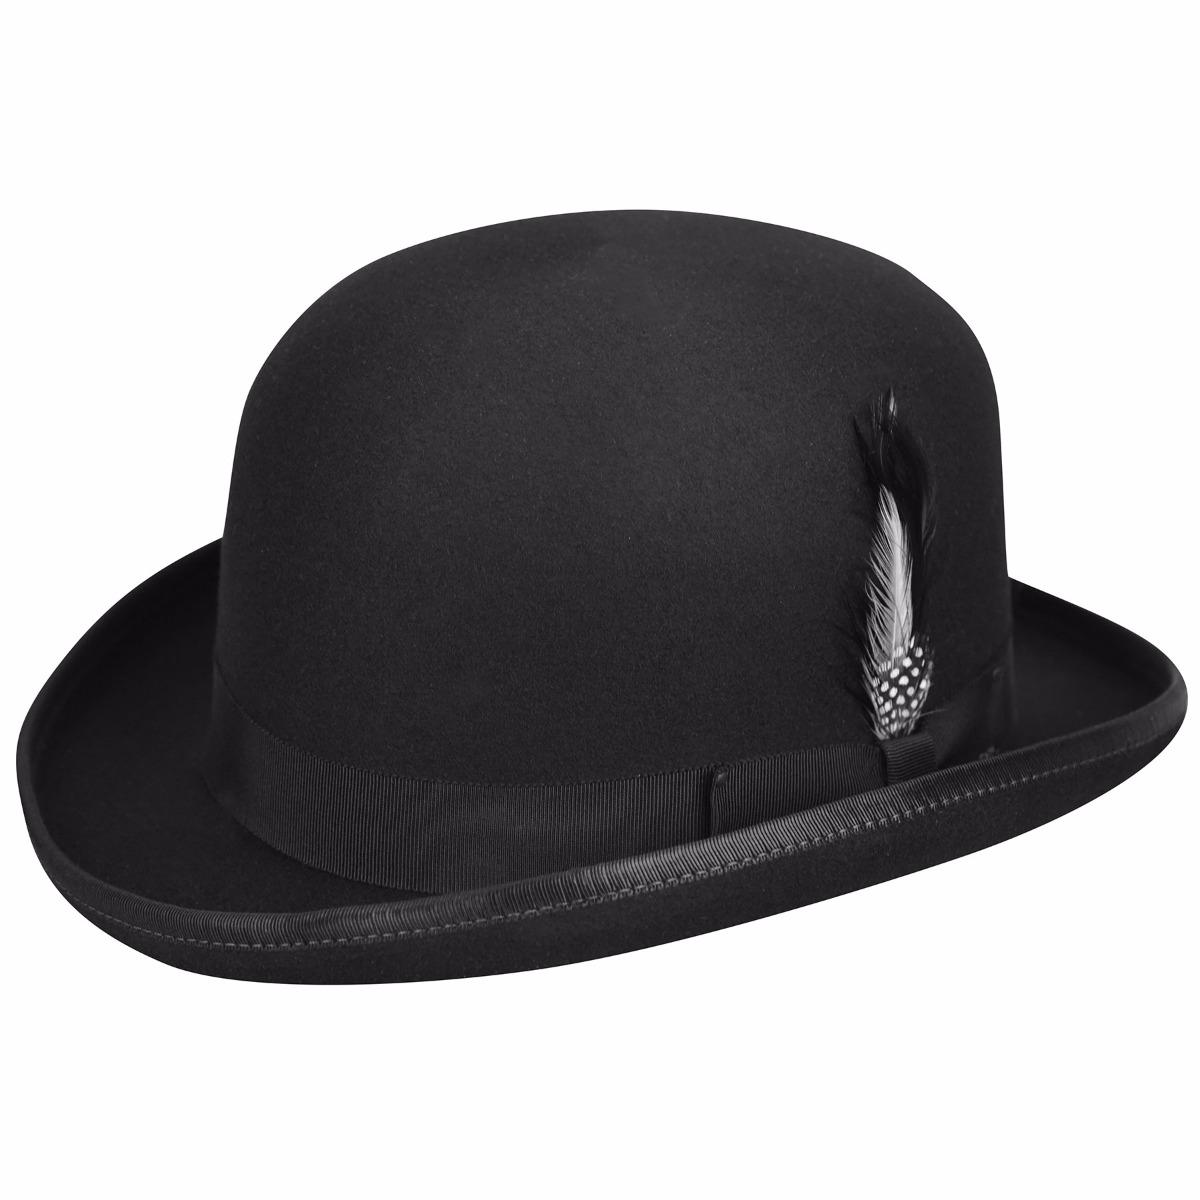 Men's Steampunk Costume Essentials Derby Hat - BlackL $120.00 AT vintagedancer.com